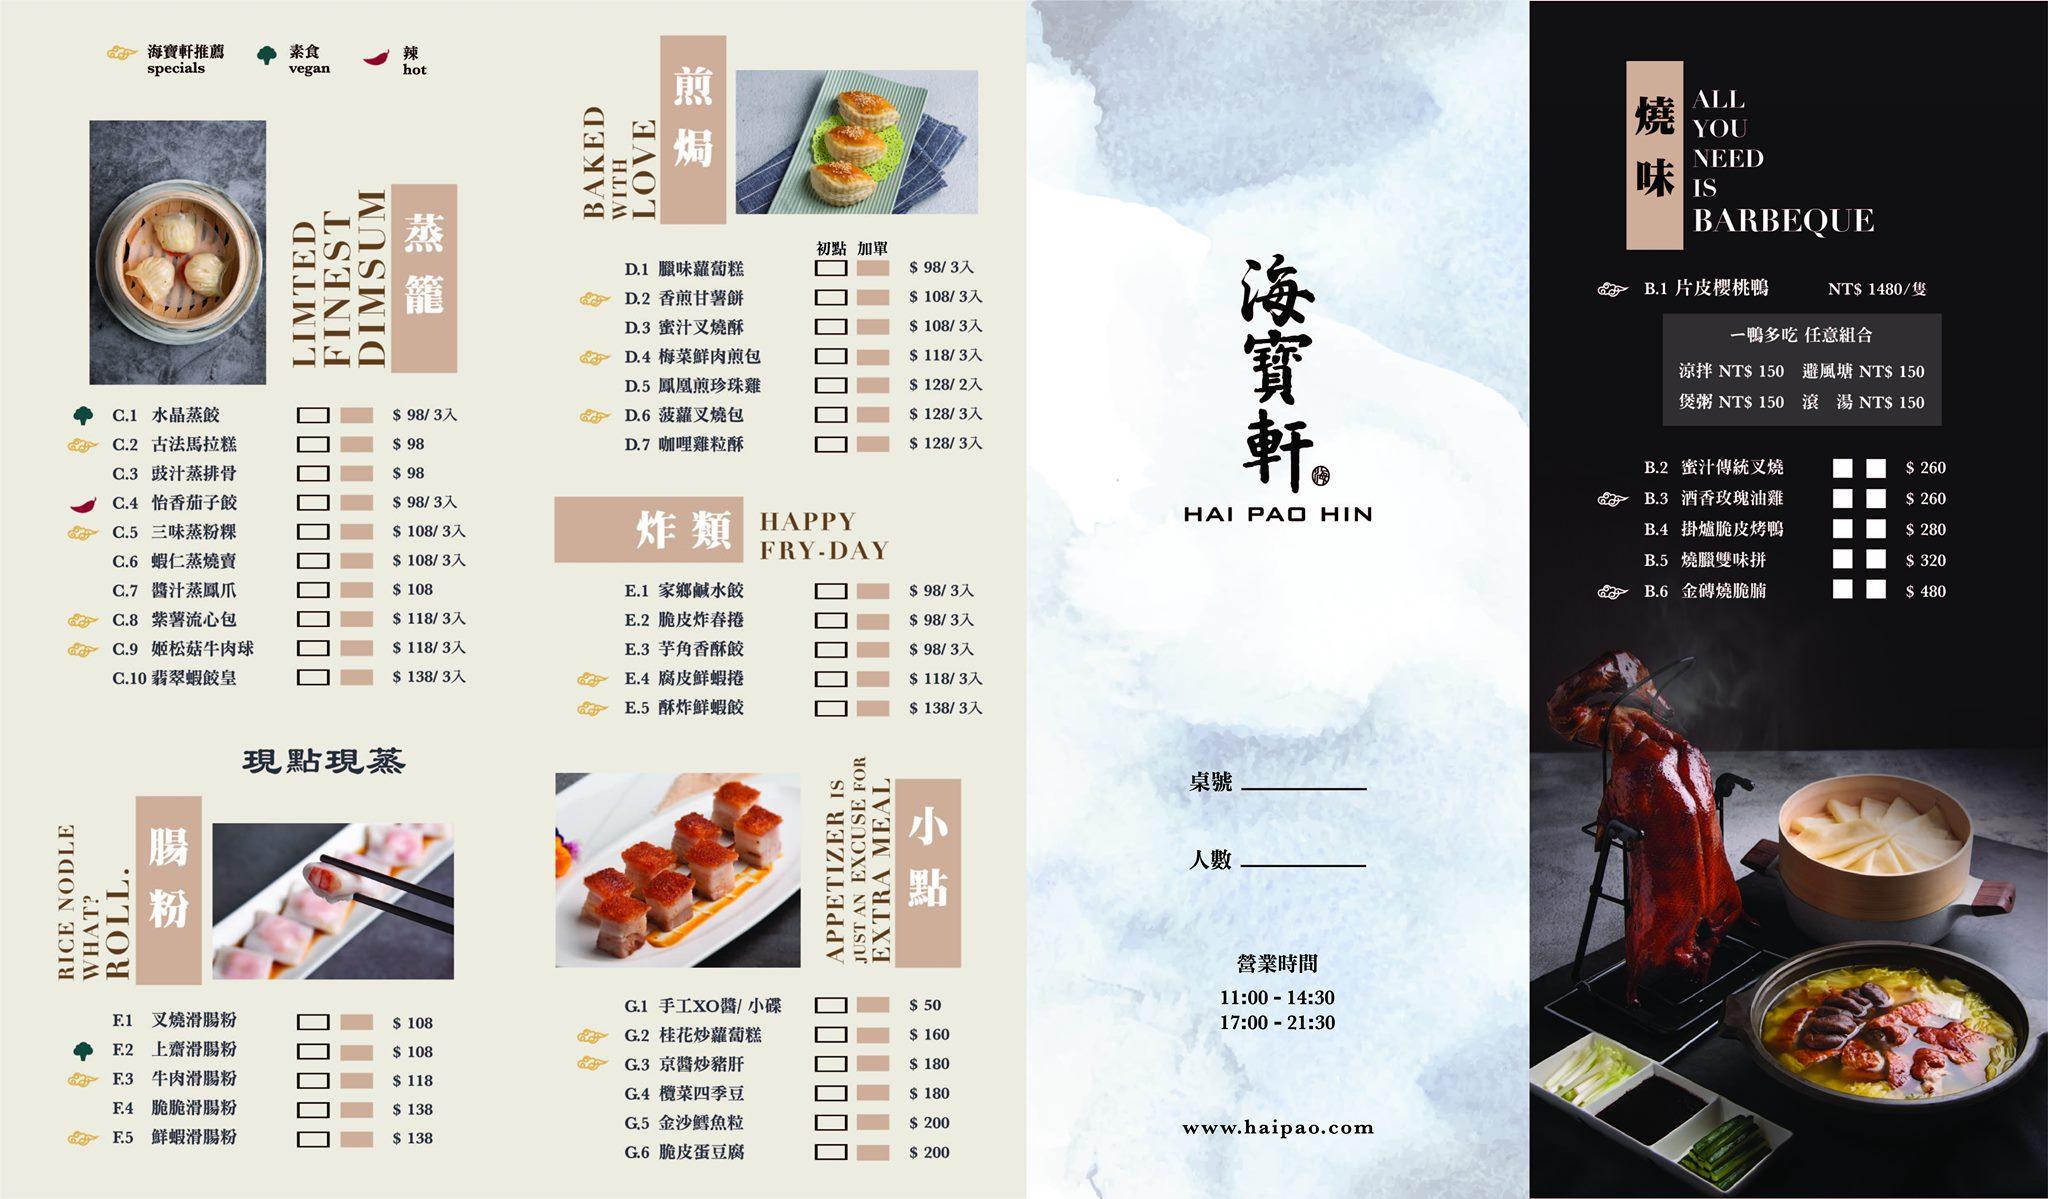 [高雄]海寶軒-星級飯店港式主廚坐鎮!道地港式點心、功夫粵菜 @美食好芃友